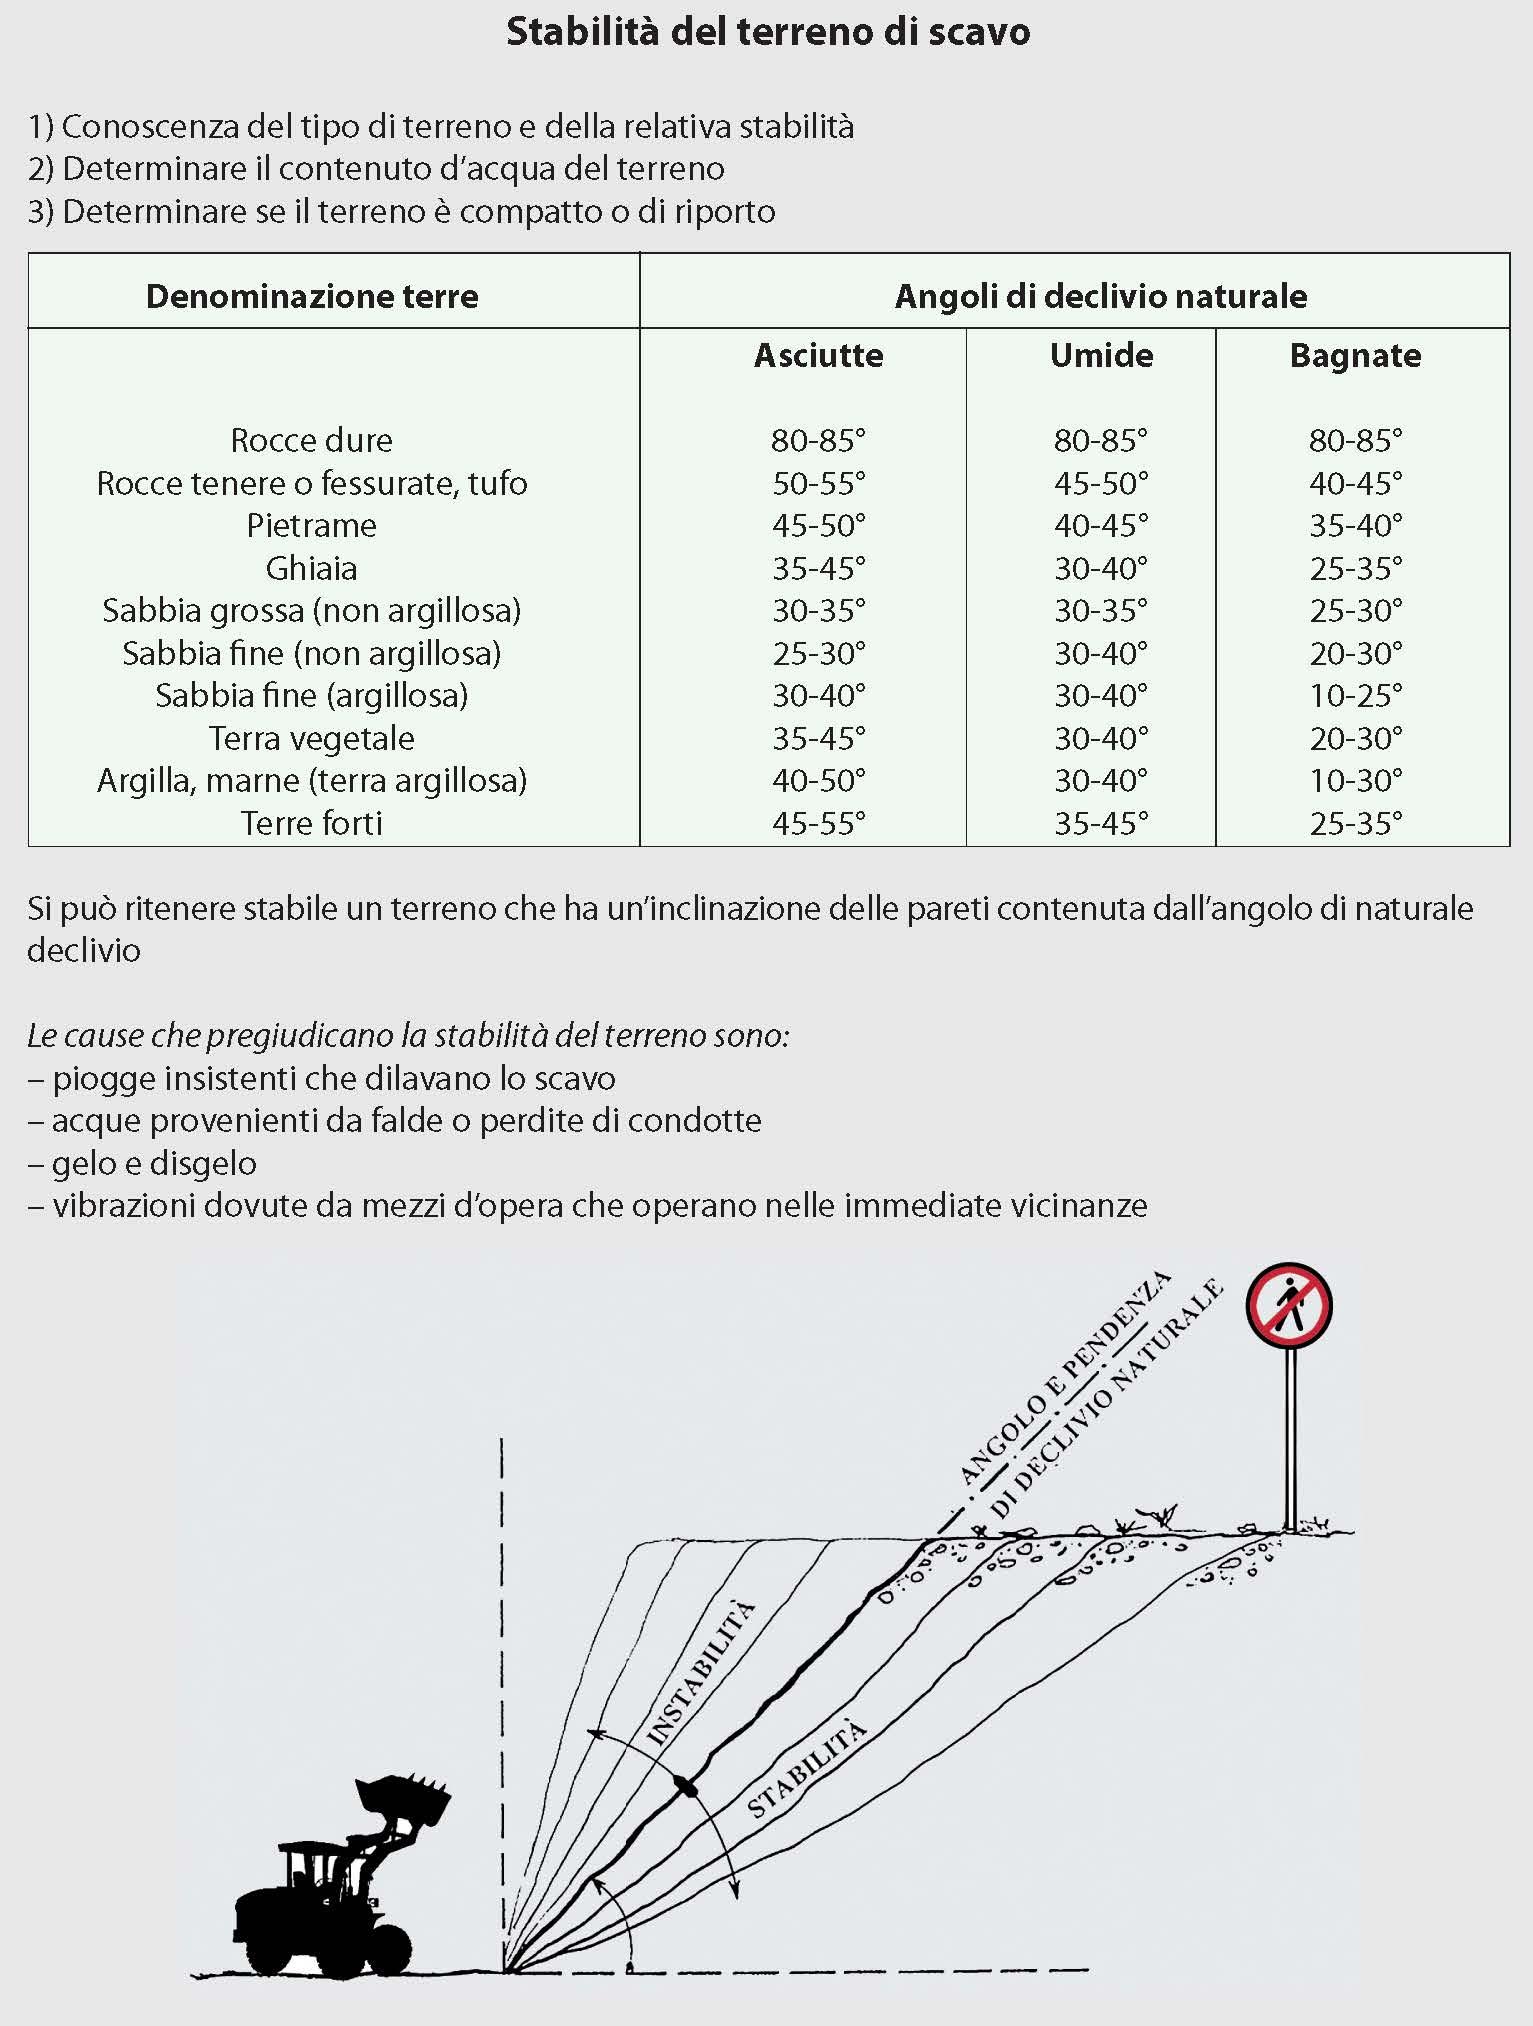 Figura 1 - Stabilità del terreno di scavo